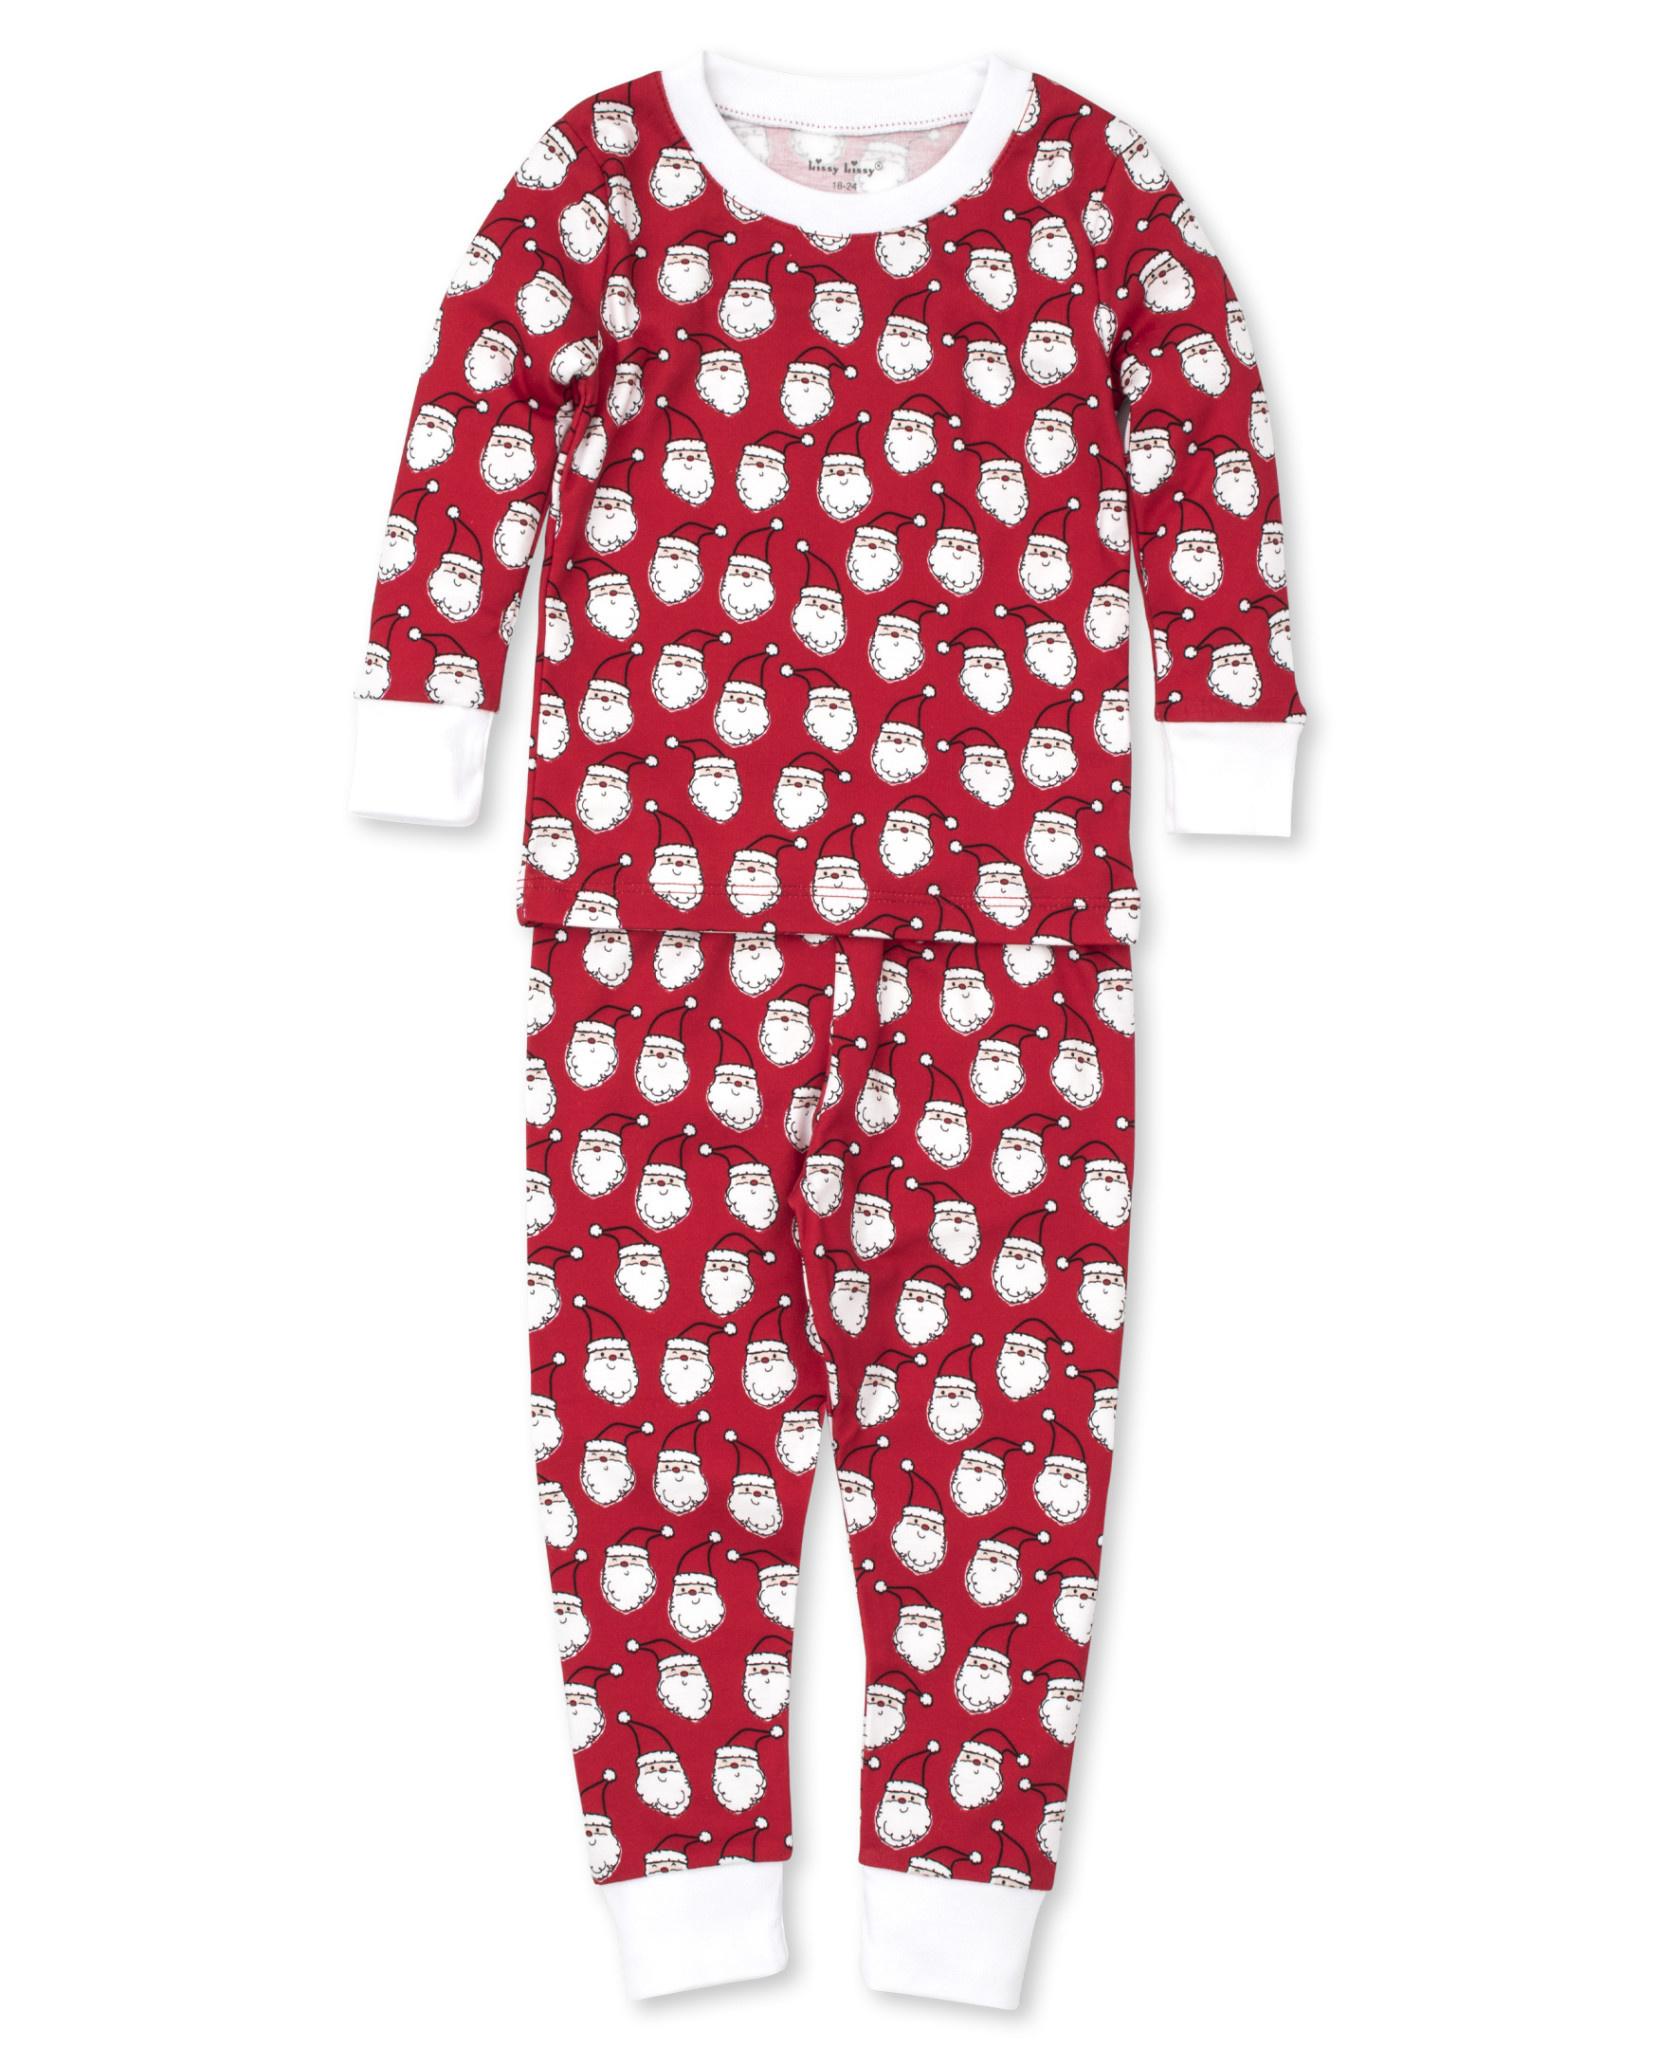 Kissy Kissy Ho Ho Ho Toddler Pajama